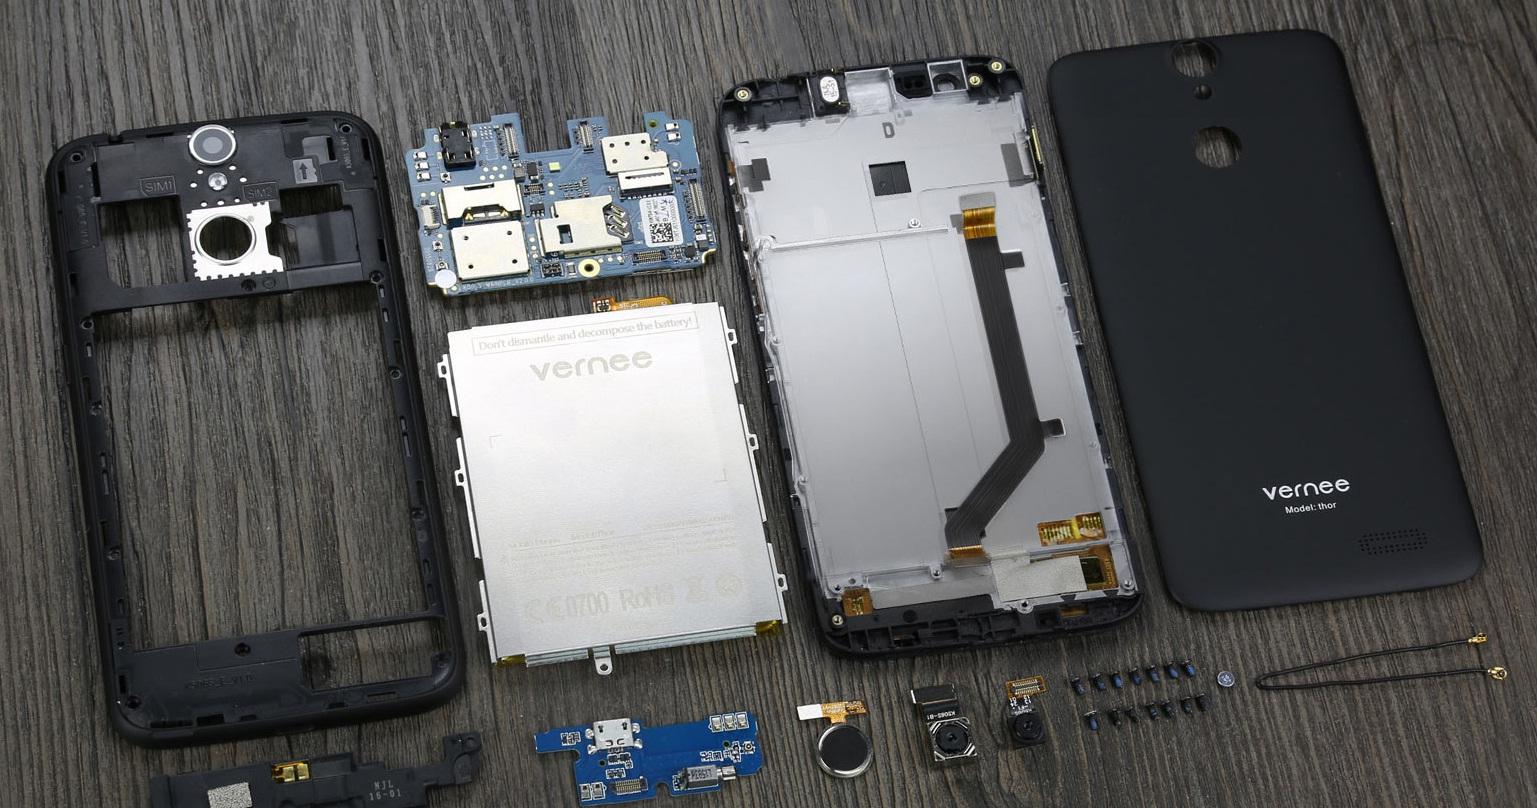 ss Vernee Thor 4G, un smartphone adevarat cu 3GB RAM si pret de numai 400 lei